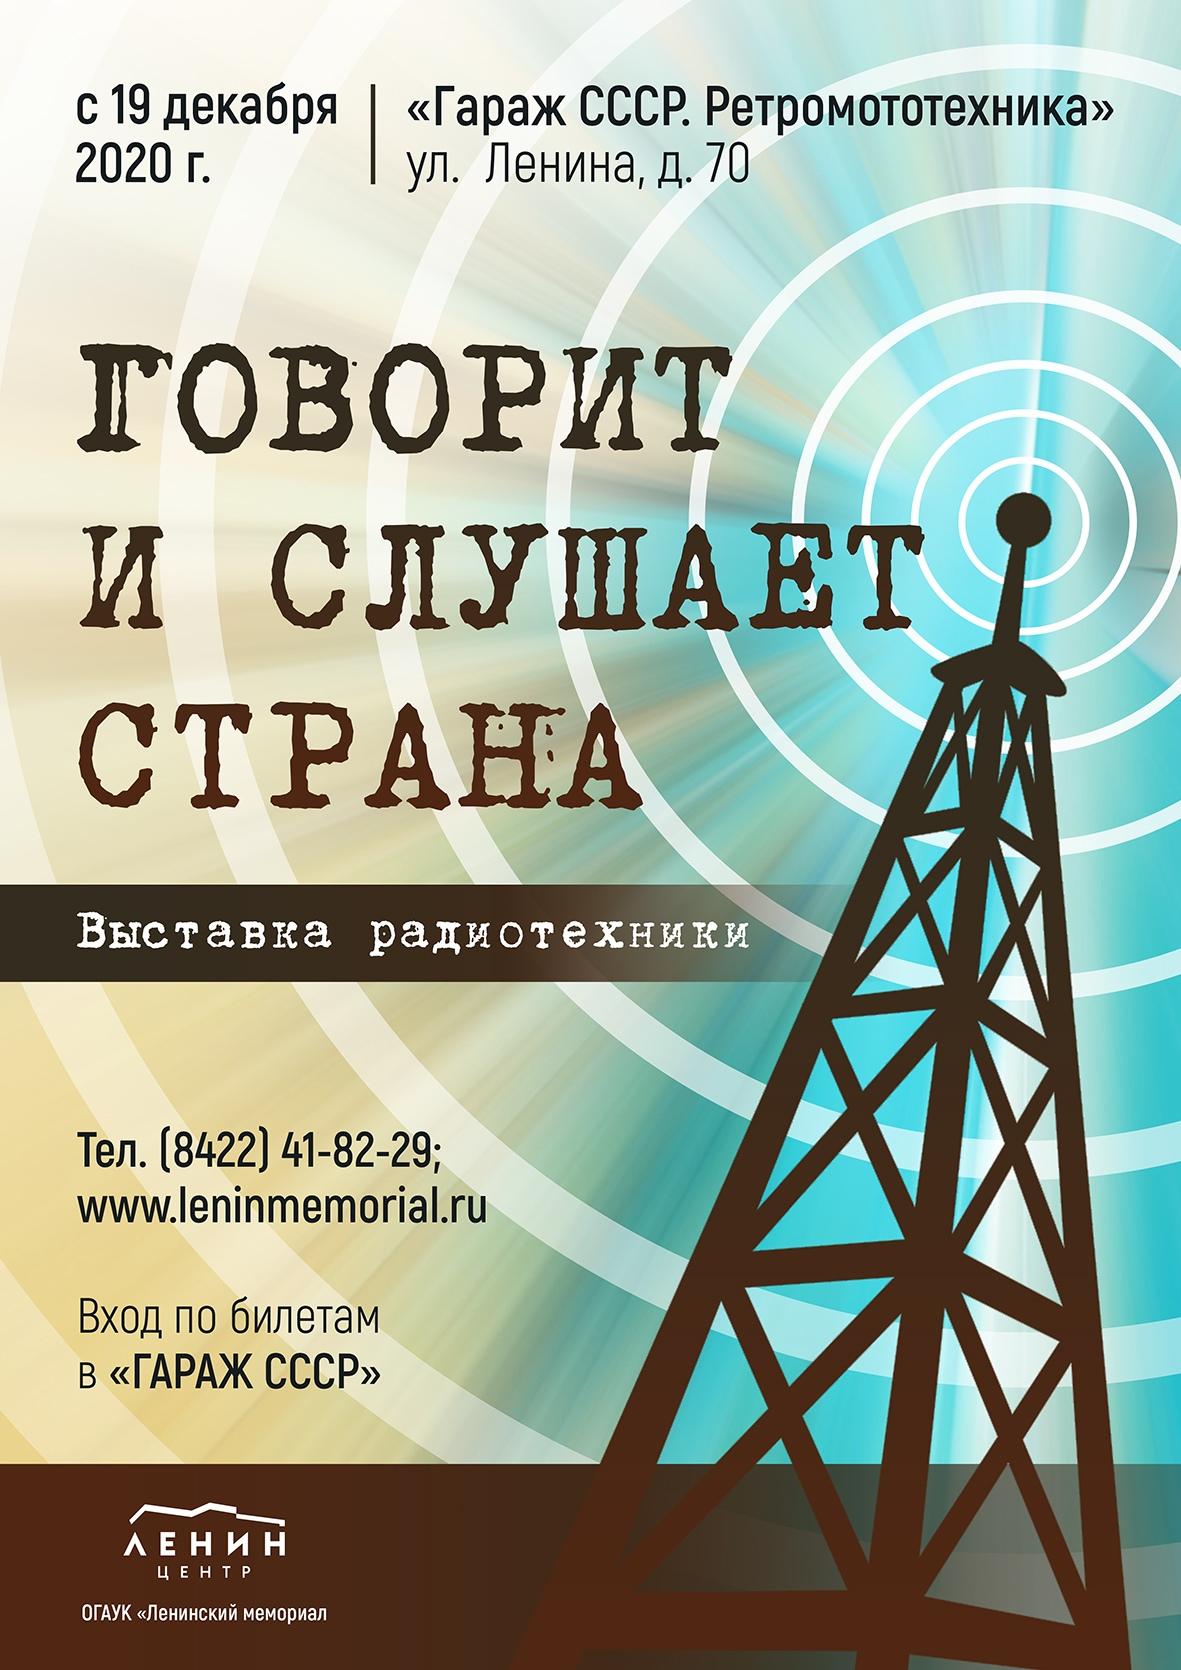 Выставка радиотехники «Говорит и слушает страна» @ выставочном зале павильона «Гараж СССР» (ул. Ленина, 70)